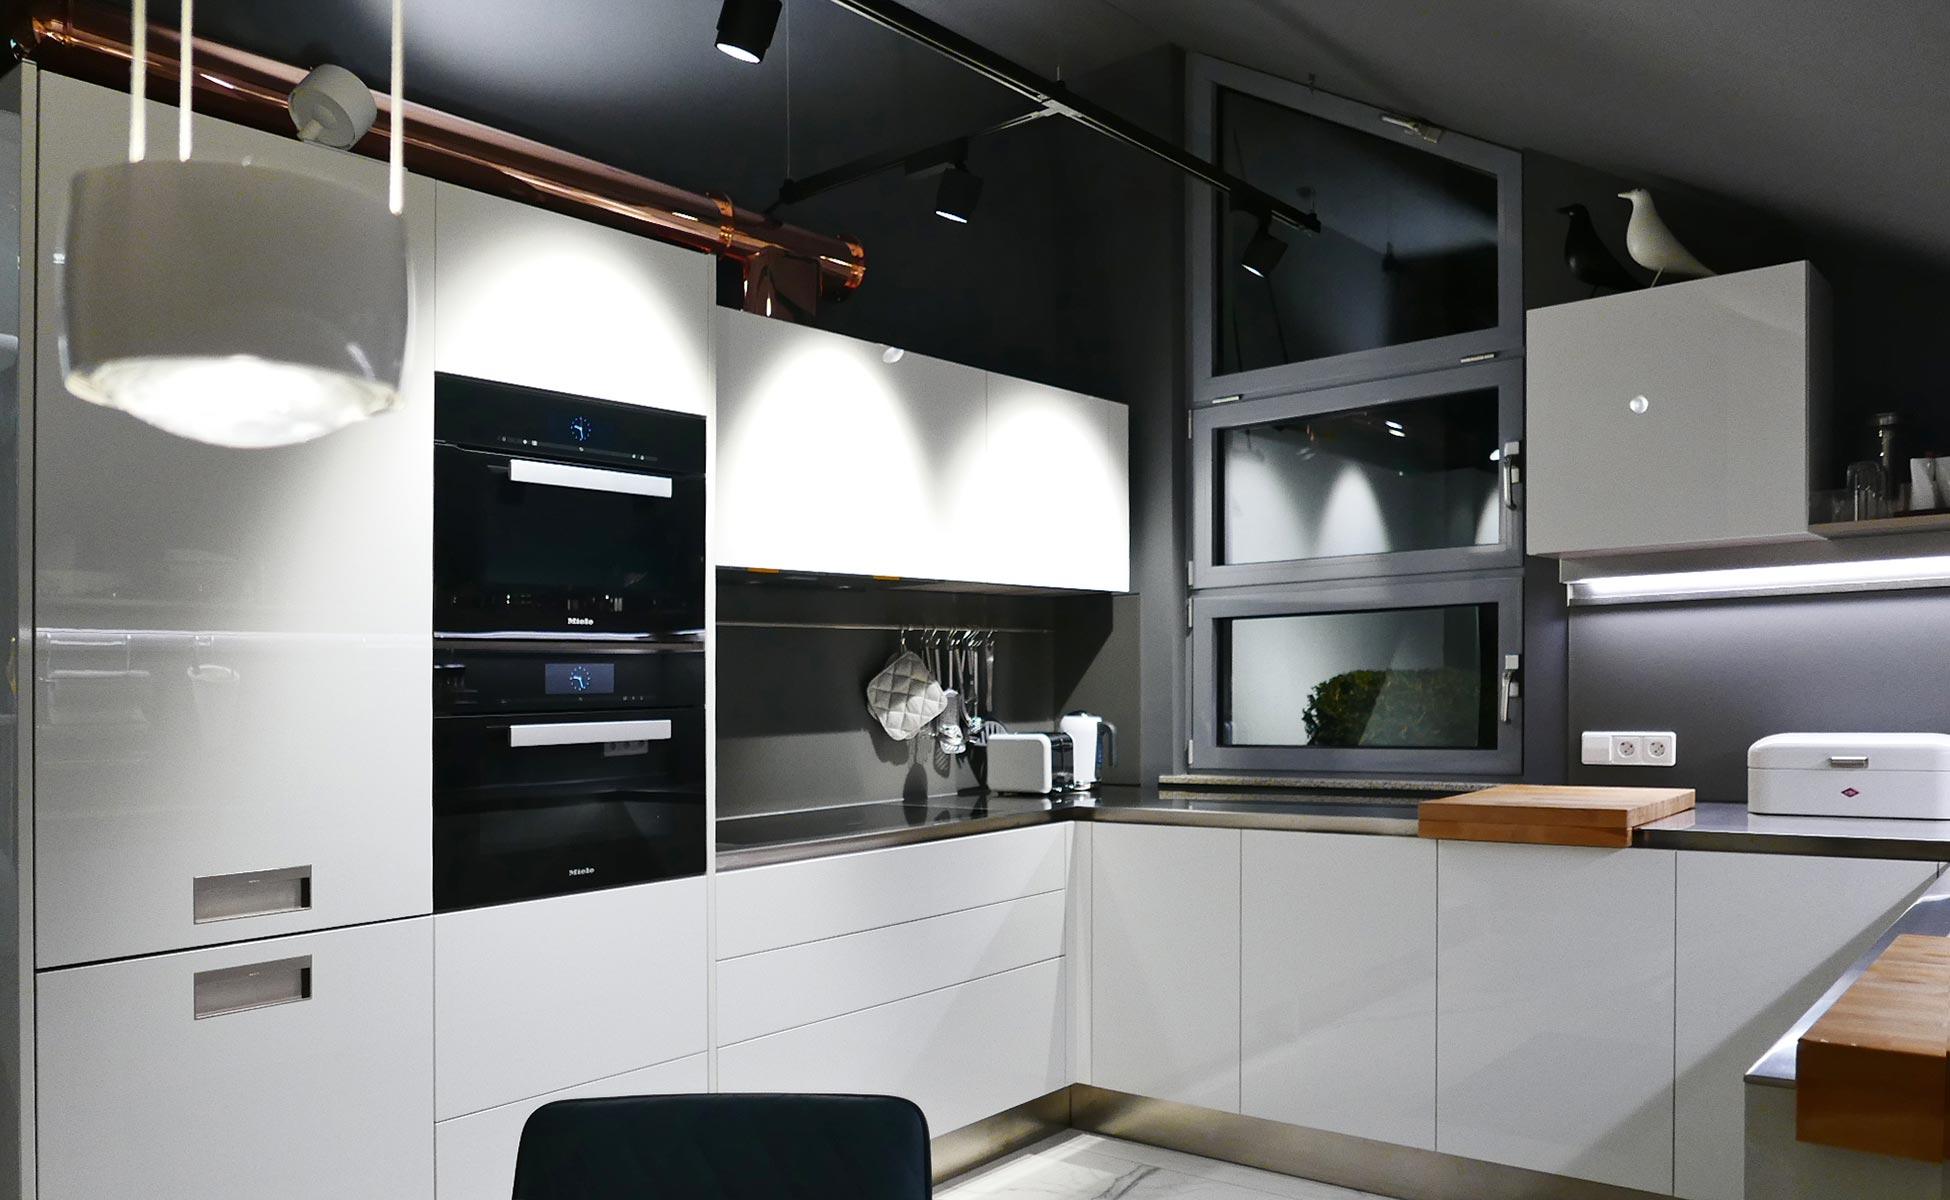 09 arclinea küche + occhio leuchten bei steidten+ berlin